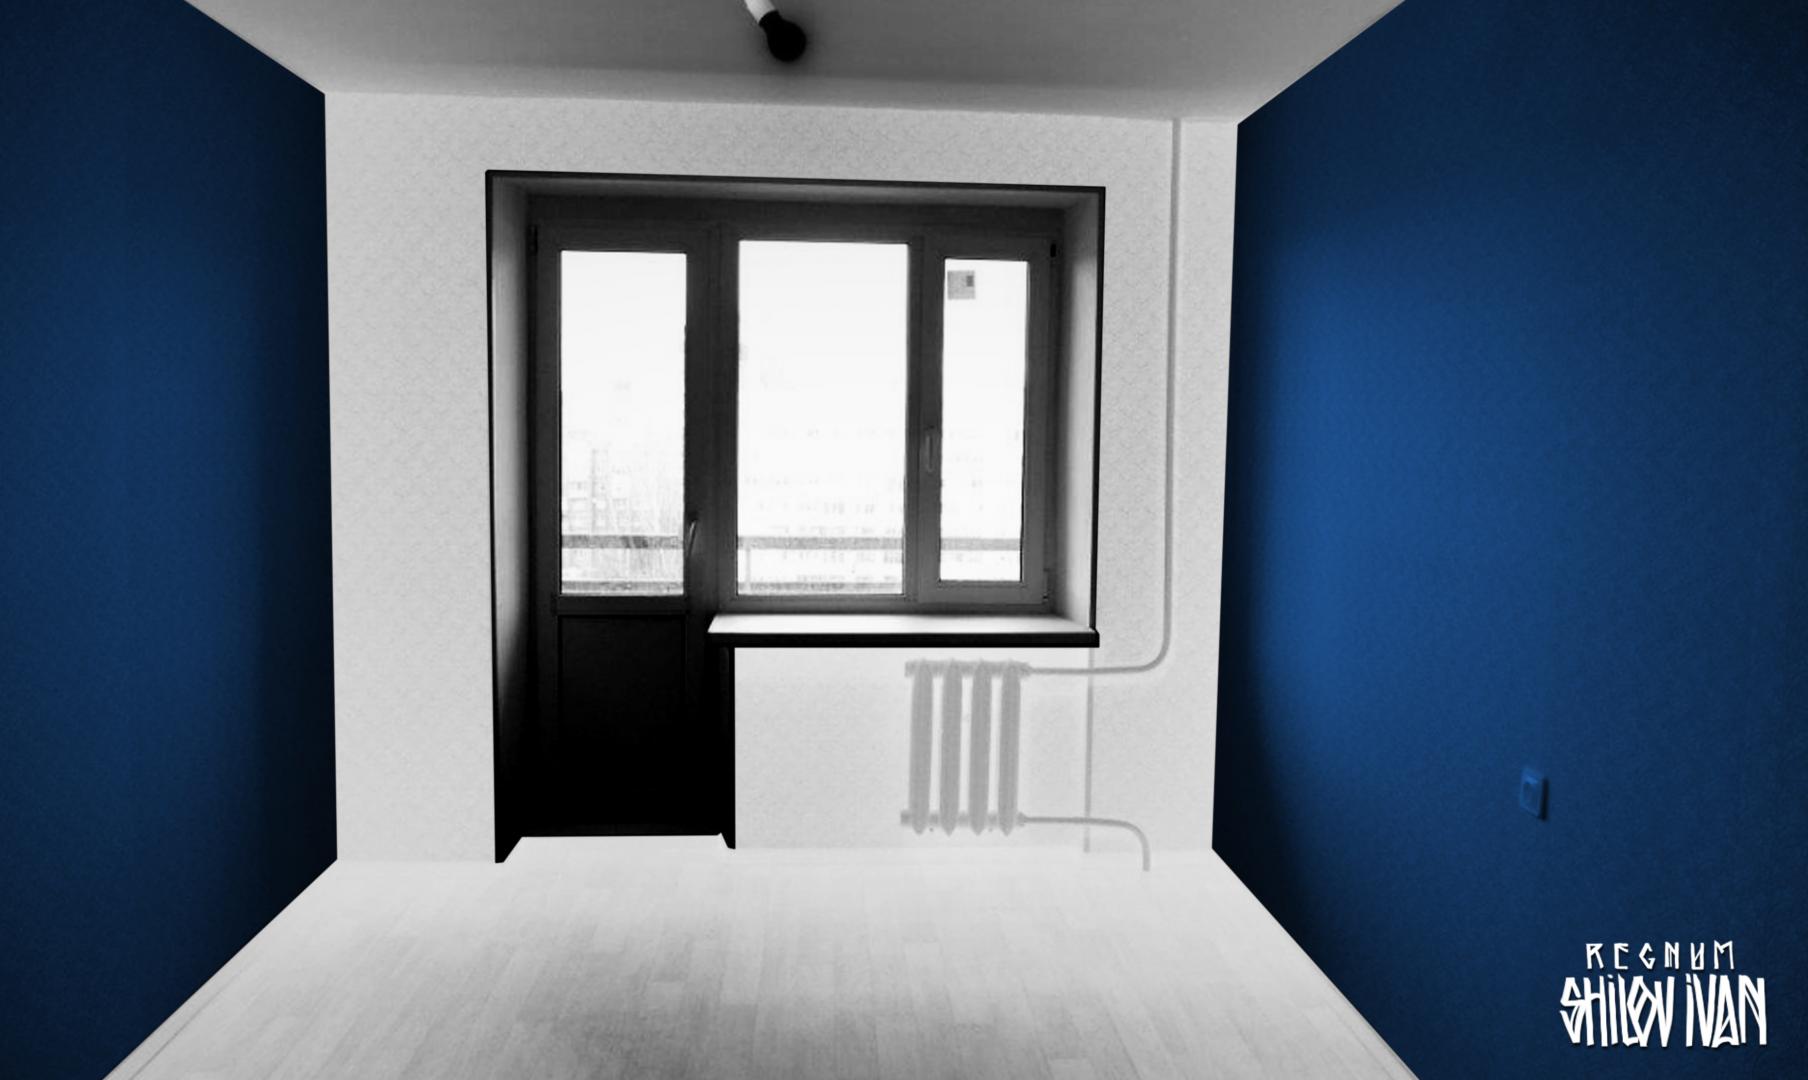 Апартаменты, студия и квартира: в чем отличие и есть ли вообще юридическая разница между ними.